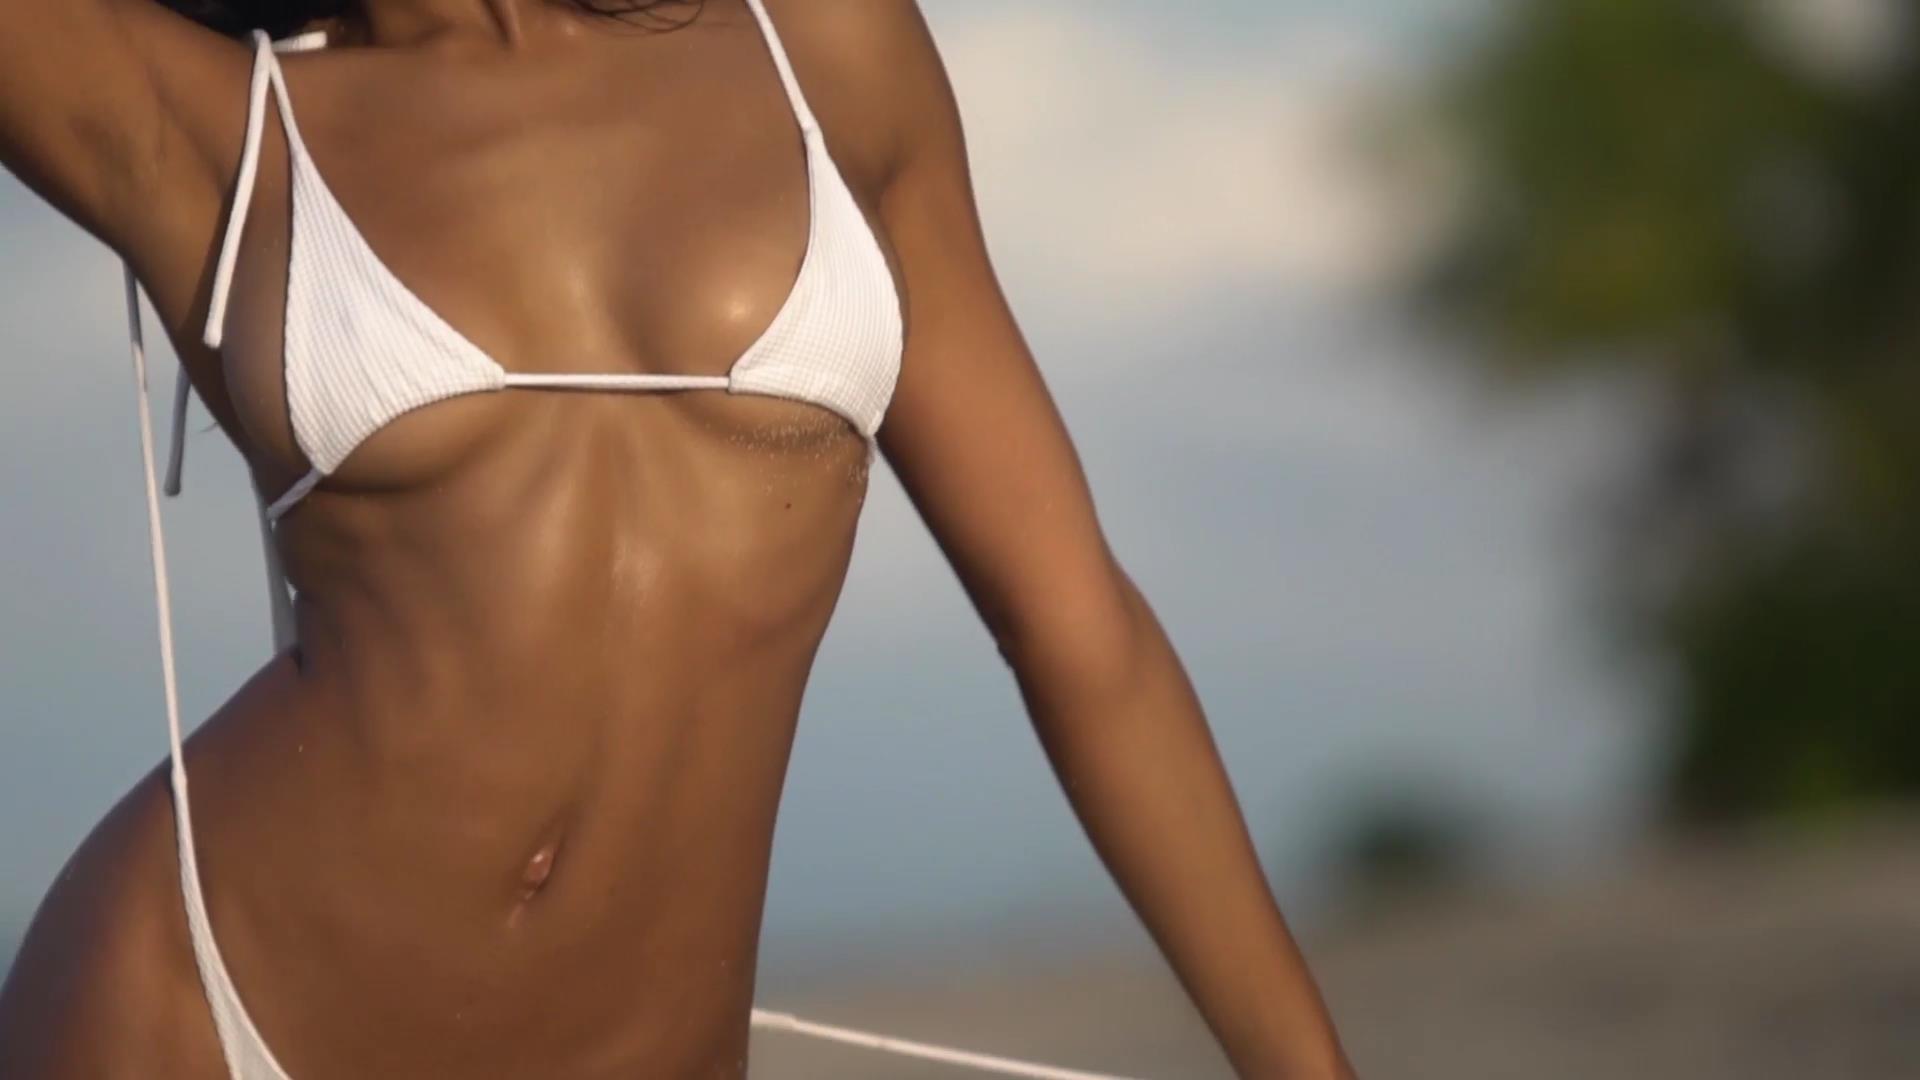 Danielle Herrington leaked nude